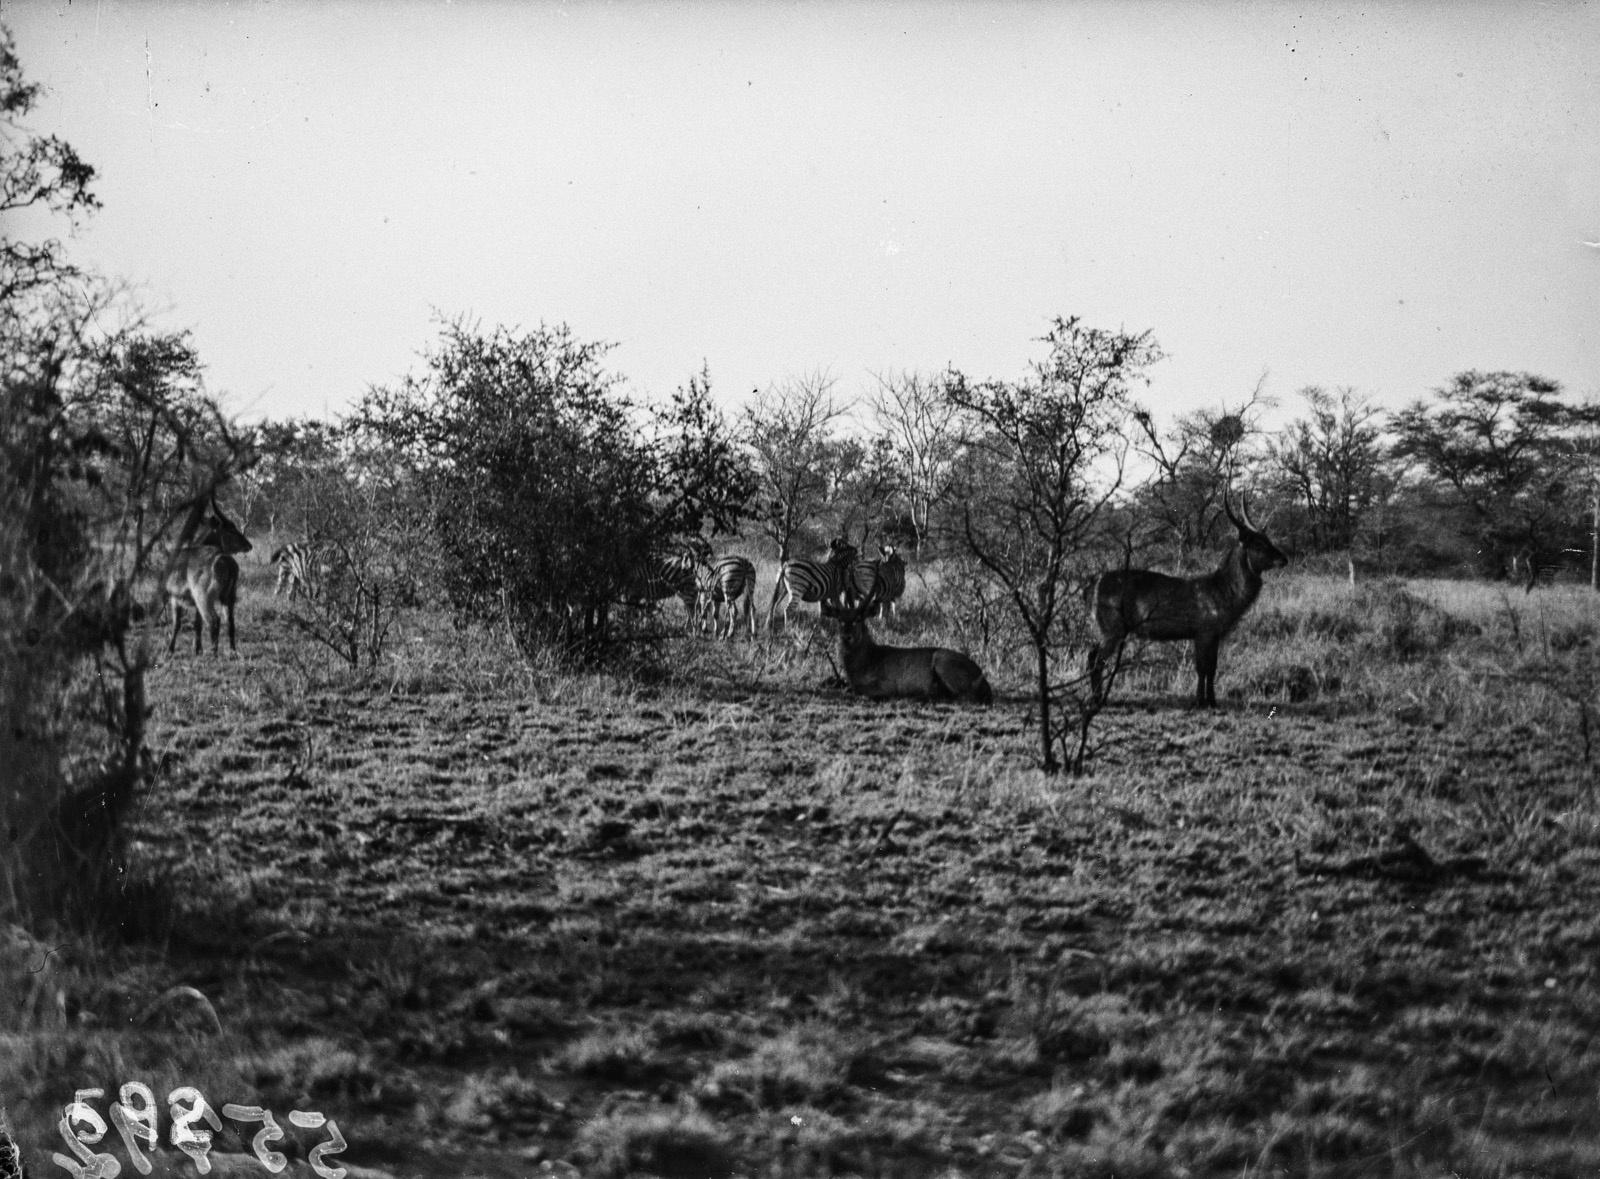 Национальный парк Крюгера. Водный козёл и зебры